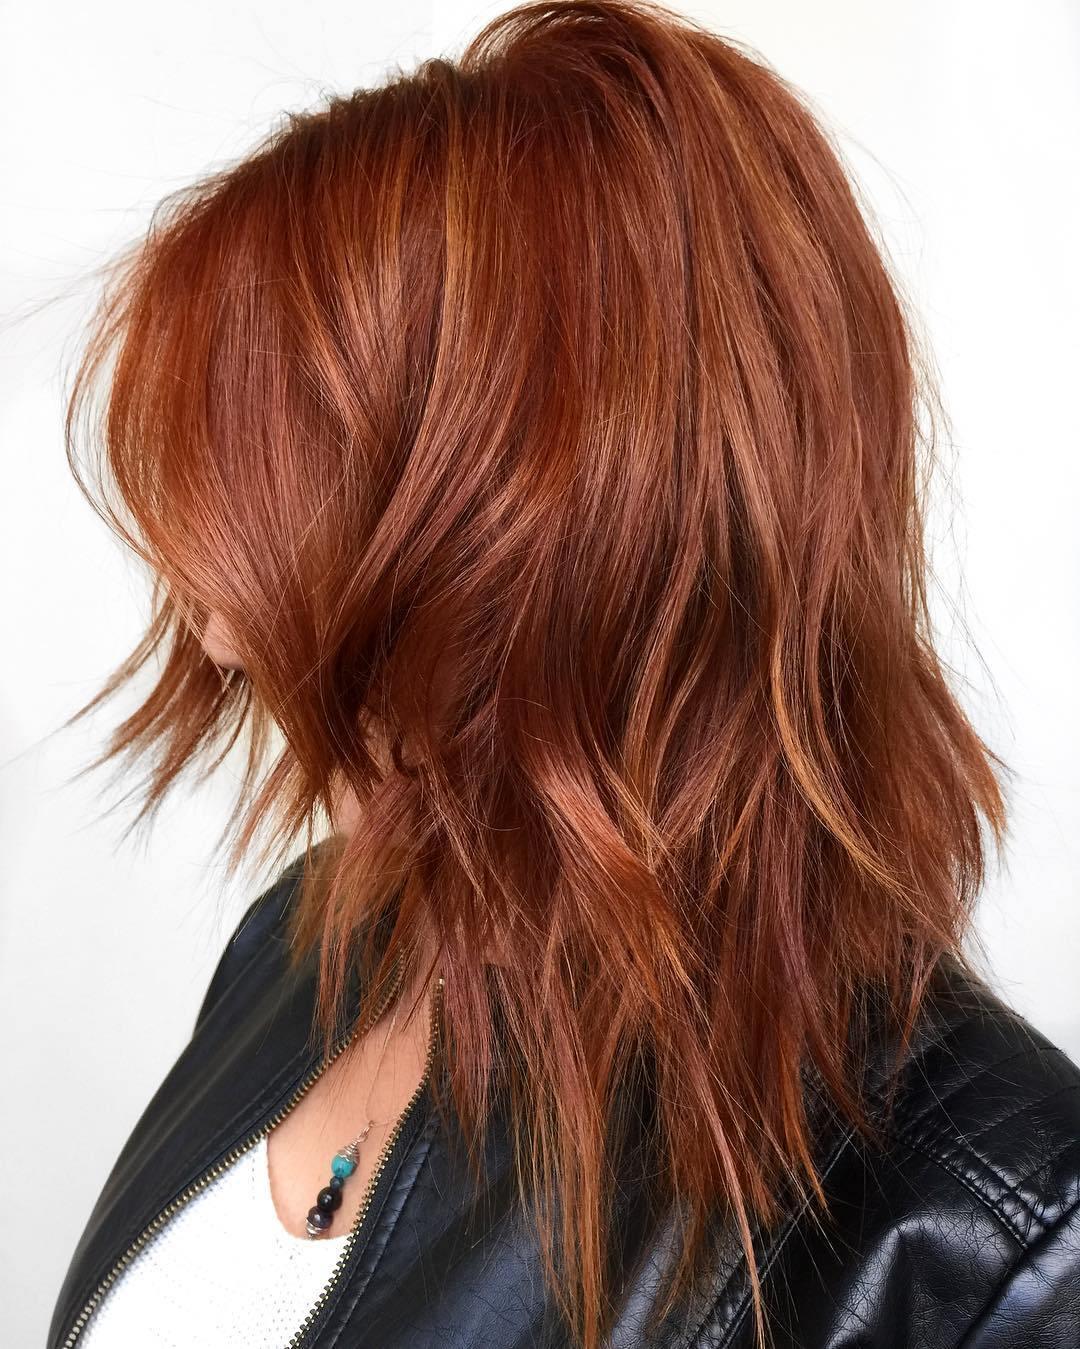 60 couleurs de cheveux auburn pour souligner votre individualite 5e42817fba9d3 - 60 couleurs de cheveux Auburn pour souligner votre individualité